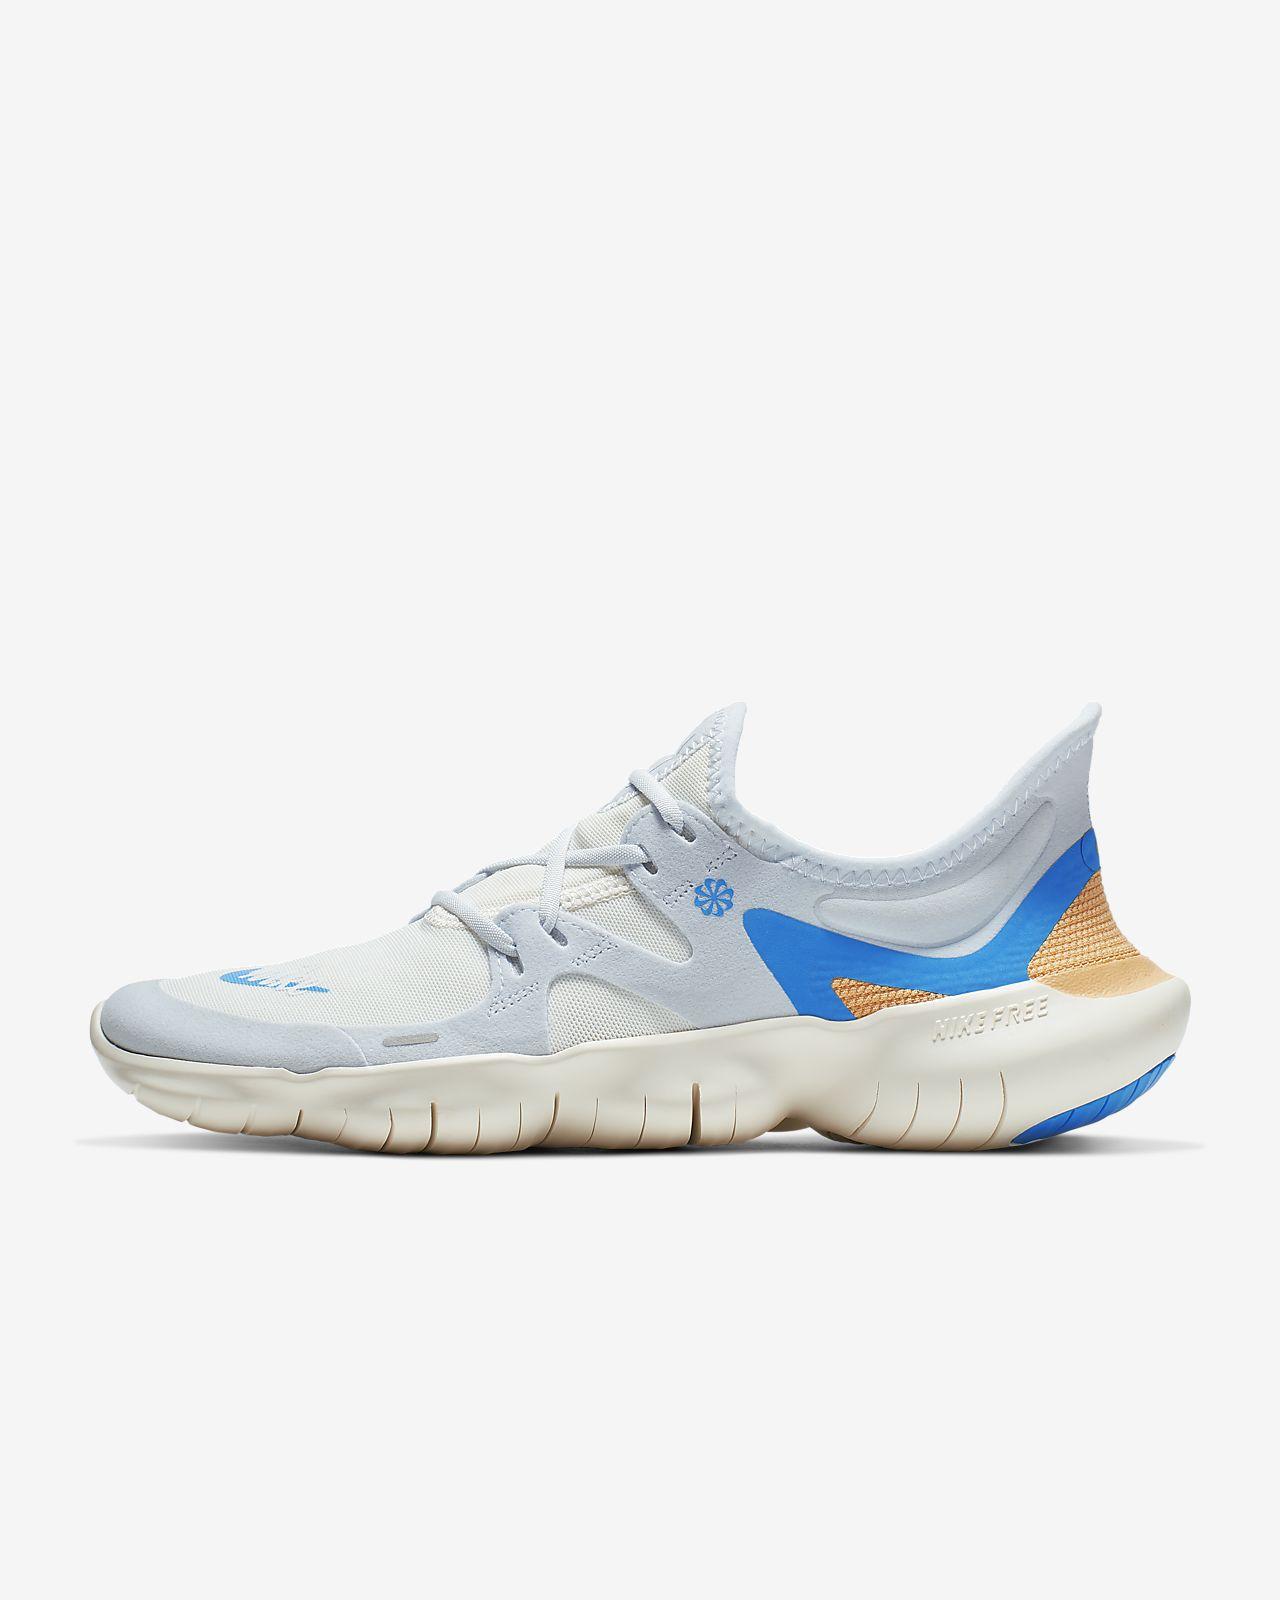 Nike Free RN 5.0 JDI女子运动鞋